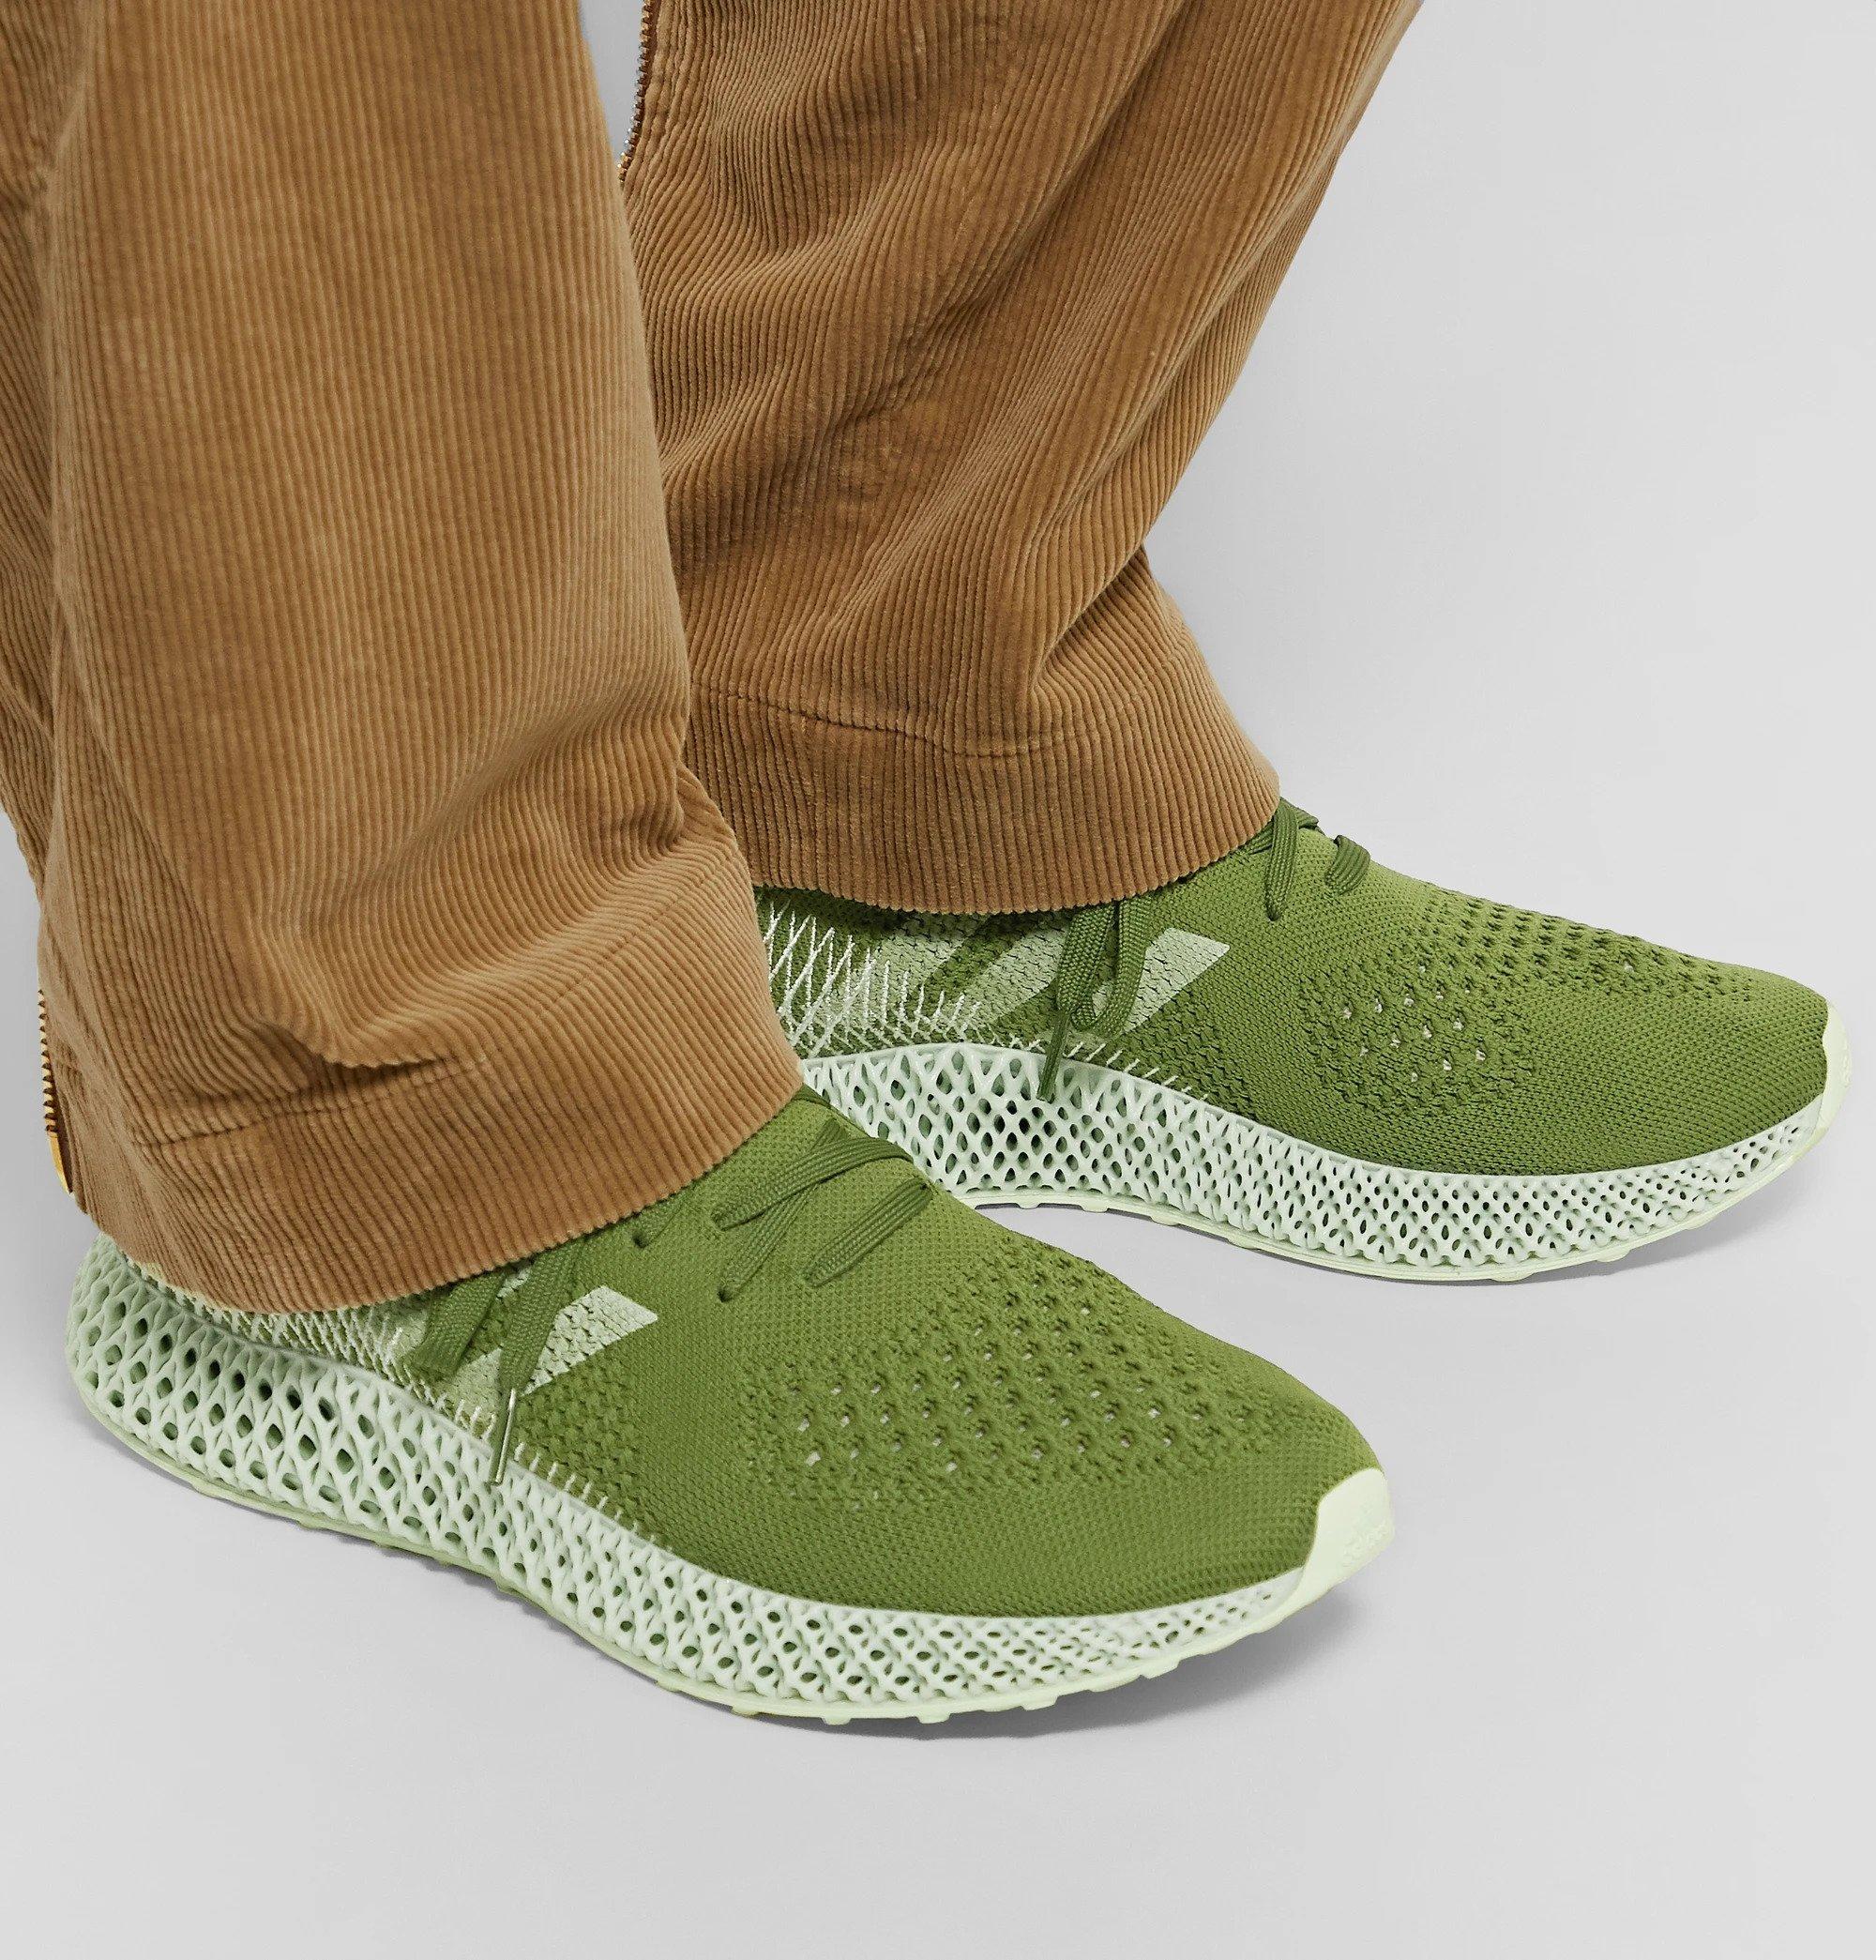 Adidas 4D Runner